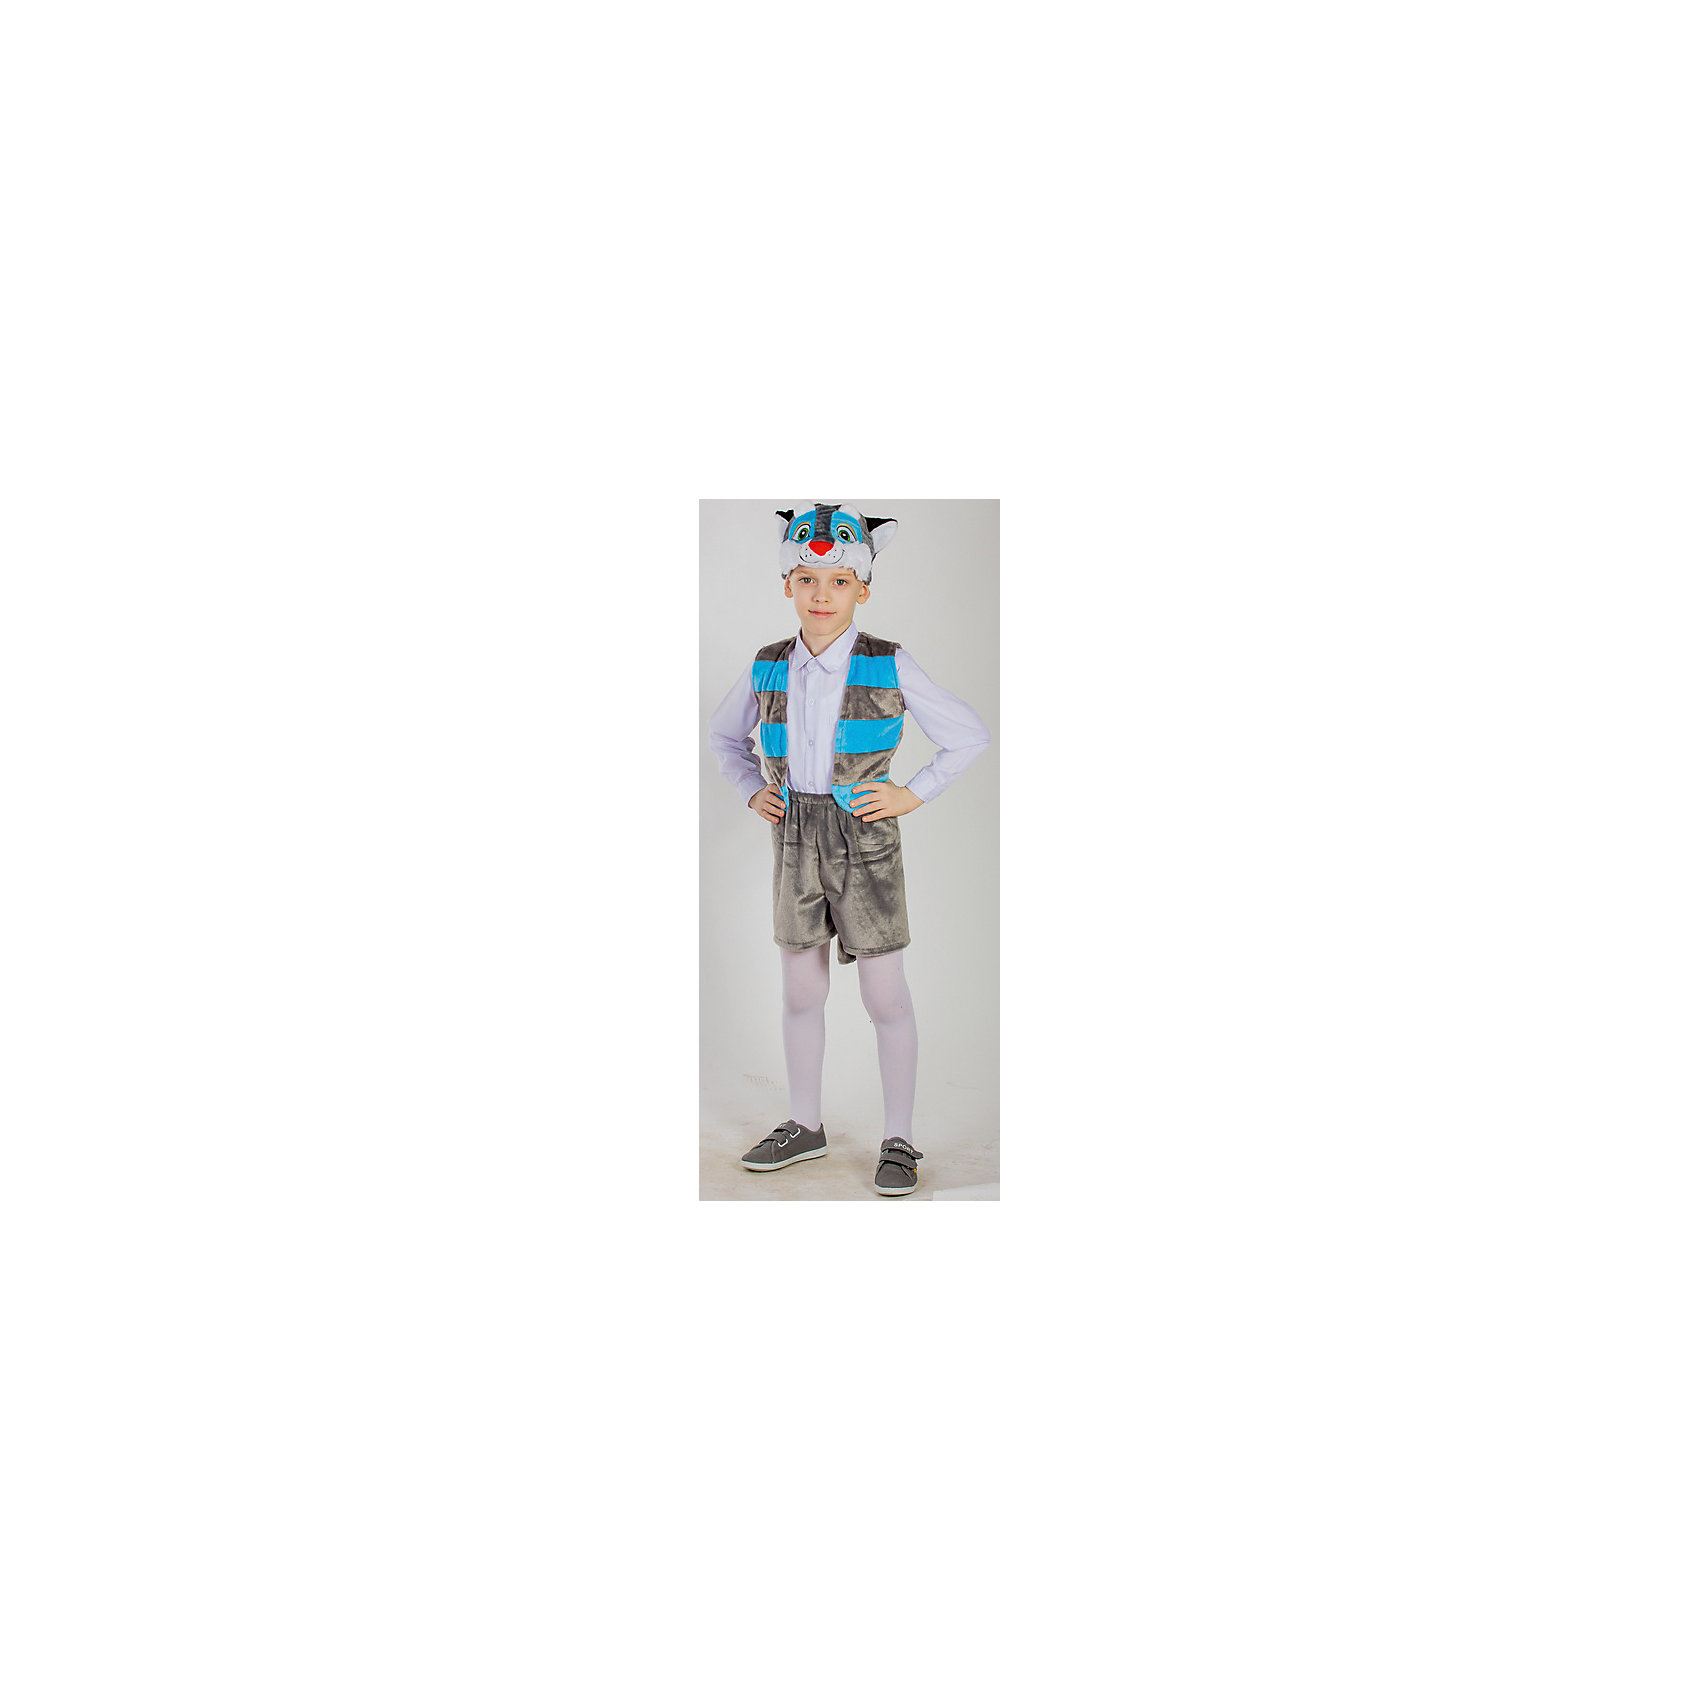 Карнавальный костюм Котенок, КарнавалияМаски и карнавальные костюмы<br>Карнавальный костюм Котенок, Карнавалия - симпатичный карнавальный костюм для мальчика, состоящий из 3х предметов: шапочка, жилет, шорты).<br><br>Материал: 100% полиэстер <br>Возраст: 4-7 лет <br>Рост: 122-128 см <br>Цвет: серый <br>Вес: 280 г<br><br>Карнавальный костюм Котенок, Карнавалия можно купить в нашем интернет-магазине.<br><br>Ширина мм: 380<br>Глубина мм: 70<br>Высота мм: 330<br>Вес г: 375<br>Цвет: разноцветный<br>Возраст от месяцев: 36<br>Возраст до месяцев: 84<br>Пол: Унисекс<br>Возраст: Детский<br>Размер: 122/128<br>SKU: 4764394